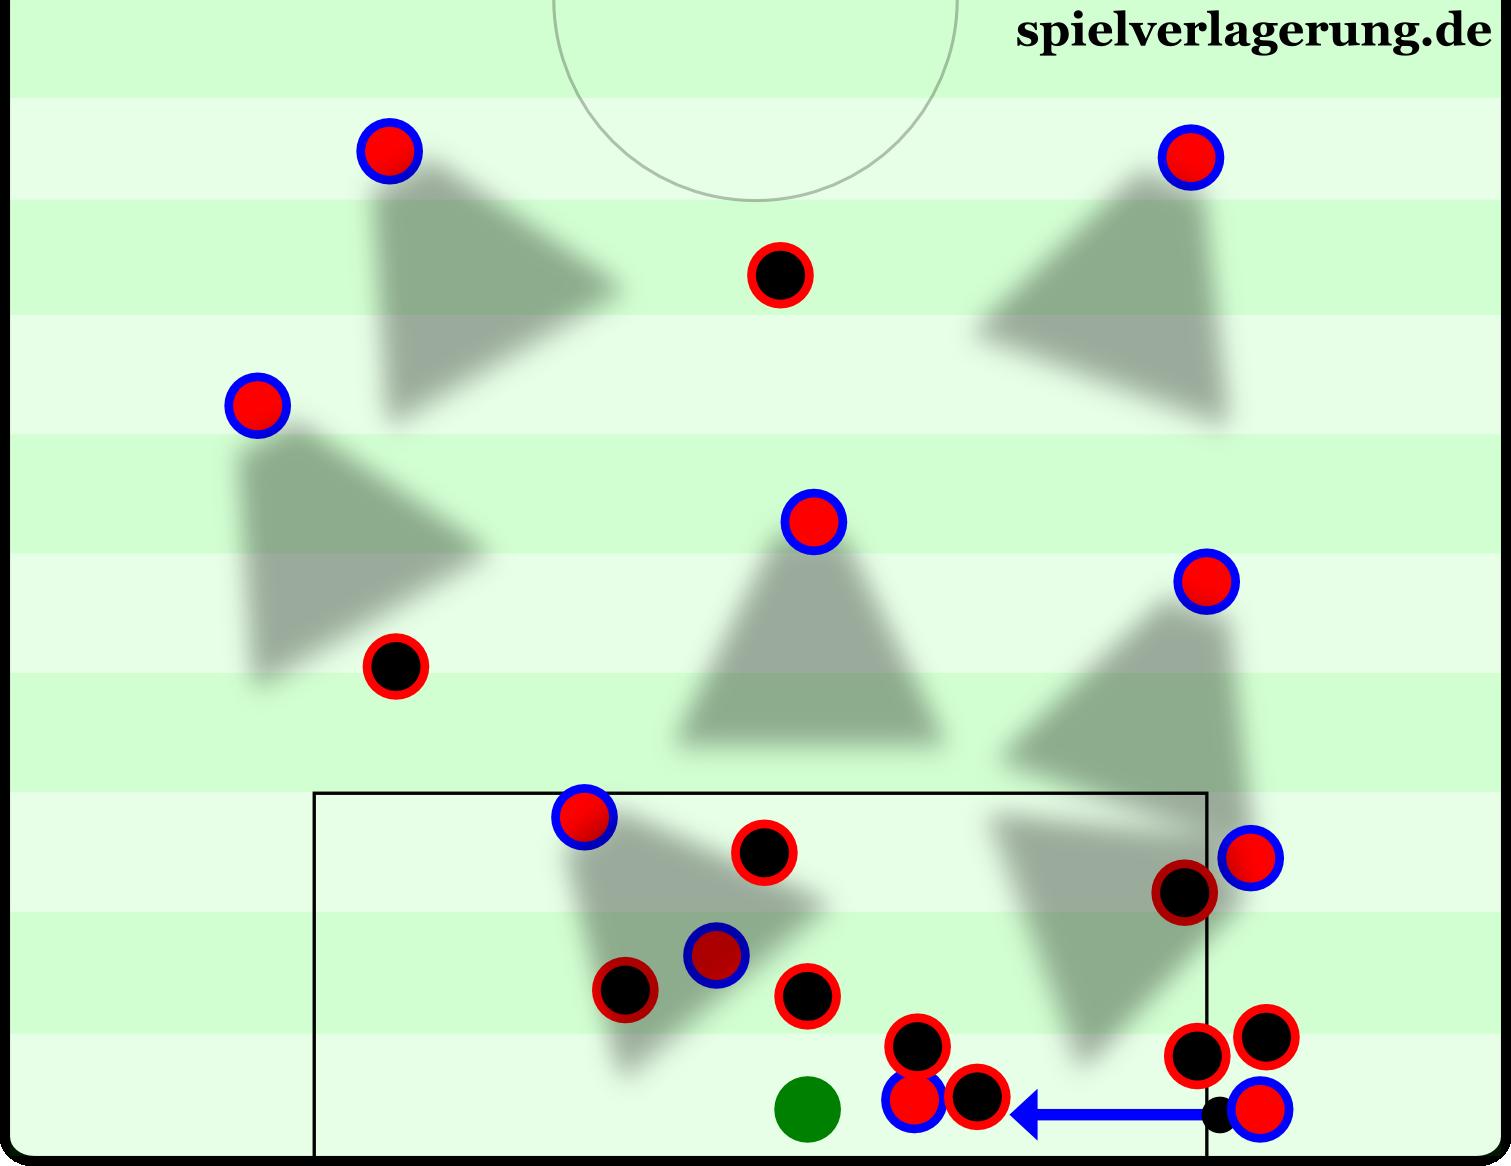 Die Bayern schlagen eine Flanke ins Zentrum. Der Gegner wurde in dieser Situation weit nach hinten gedrückt, besetzt den Rückraum nicht mehr. Egal, wohin der Gegner den Ball klärt: Ein Bayern-Spieler ist sofort in Ballnähe. Alle möglichen Fluchtrouten sind versperrt.